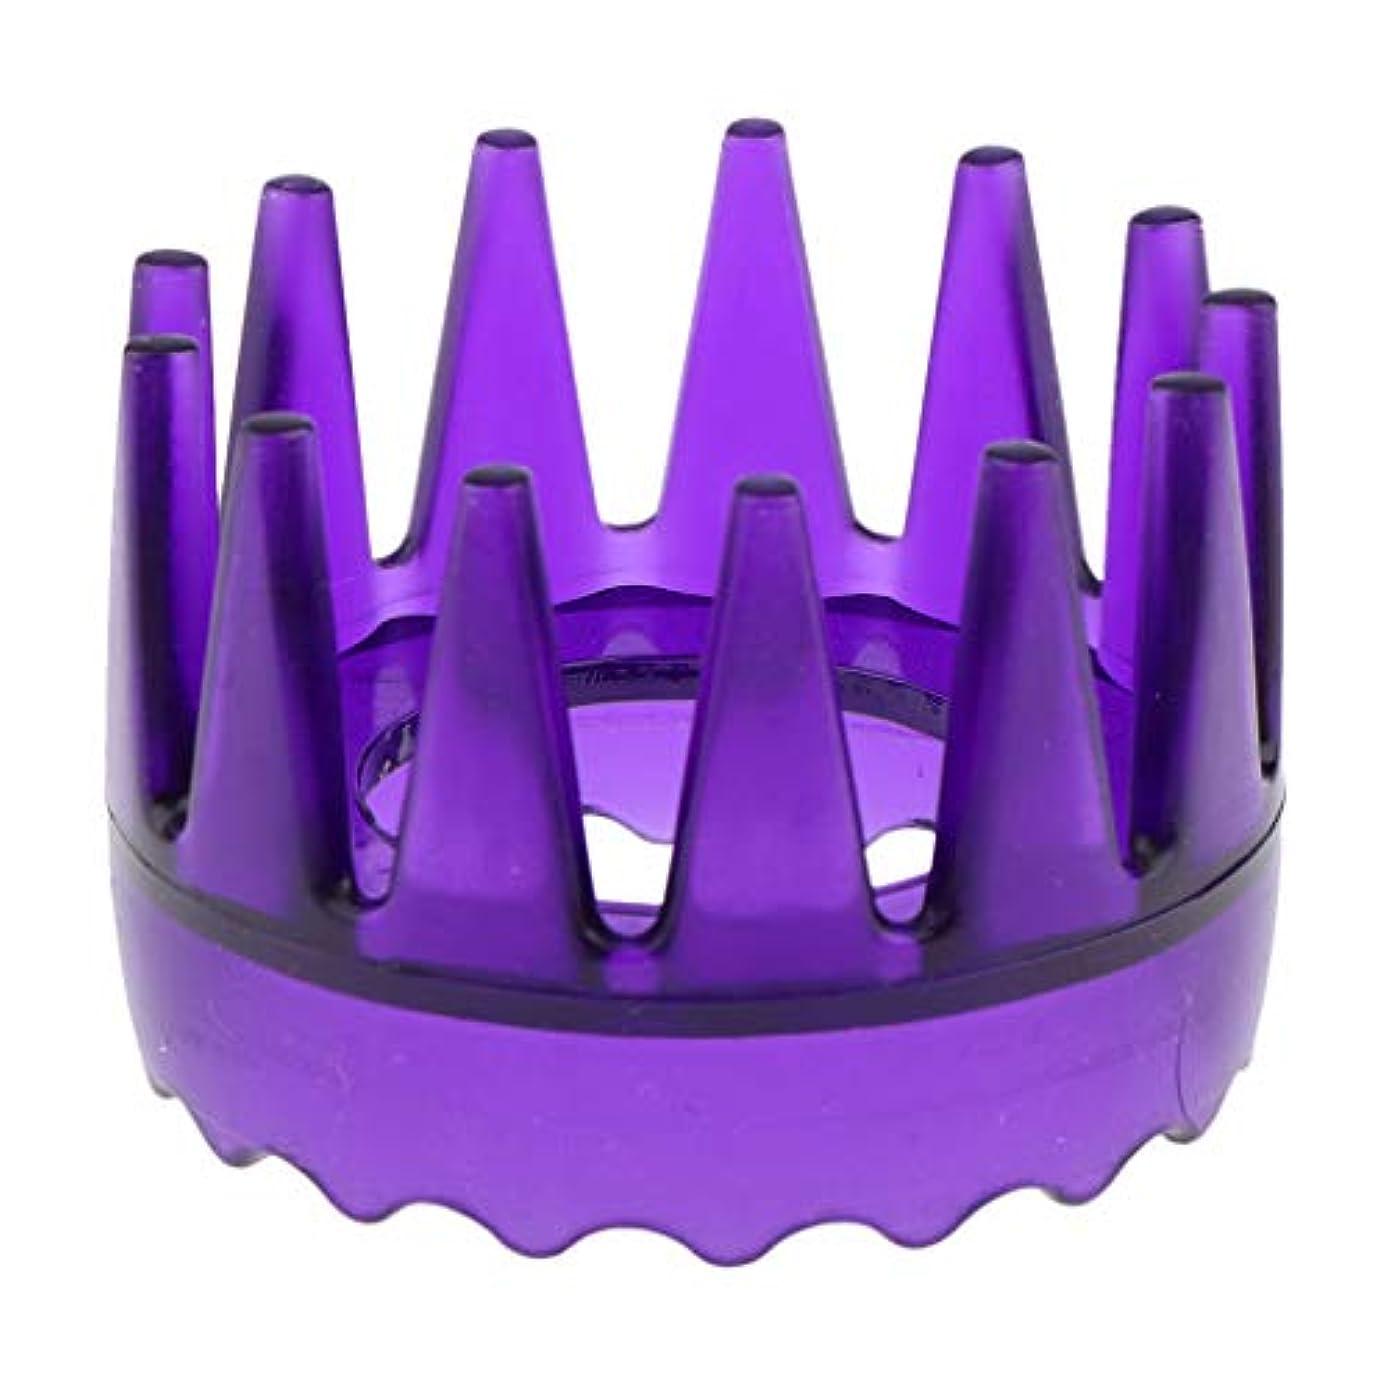 自動車従事する上回る頭皮マッサージブラシ ヘアブラシ ヘアコーム ヘアケア シャワー 洗髪櫛 滑り止め 全4色 - 紫